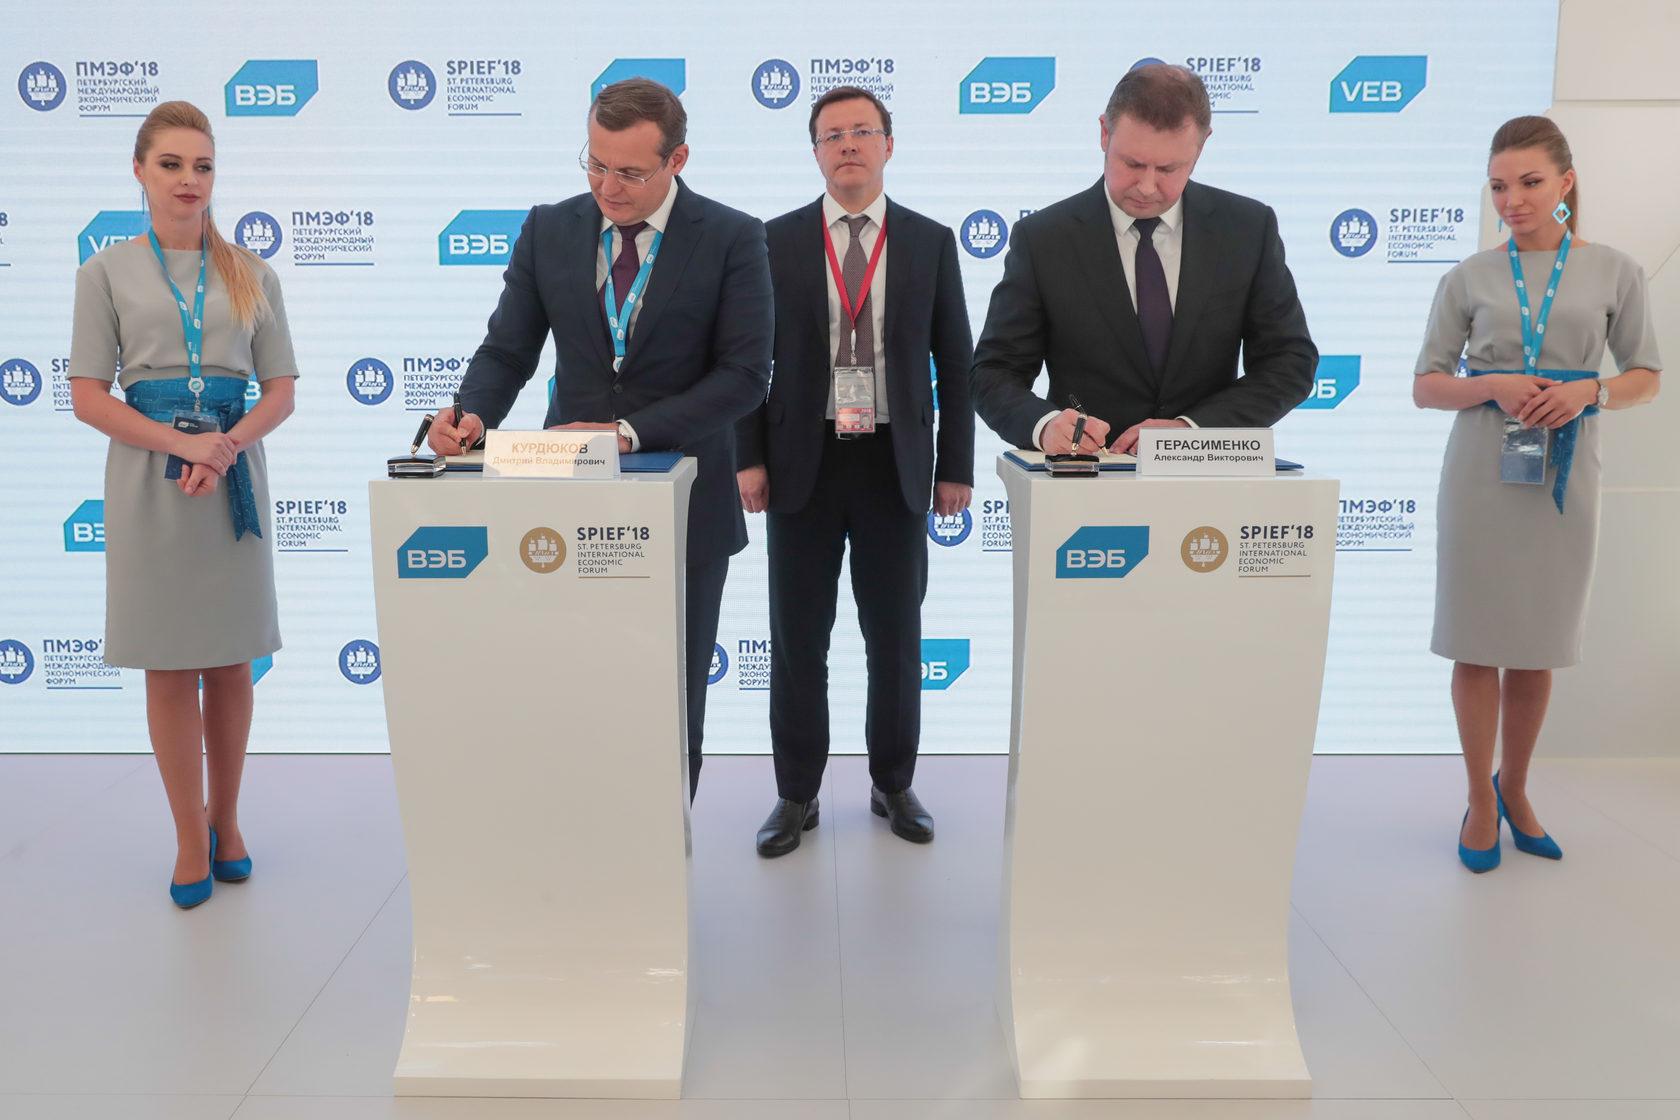 Подписано соглашение с ВЭБ РФ об участии в проекте по строительству производства улучшенного олеума и серной кислоты в рамках ООО «Волгатехноол».